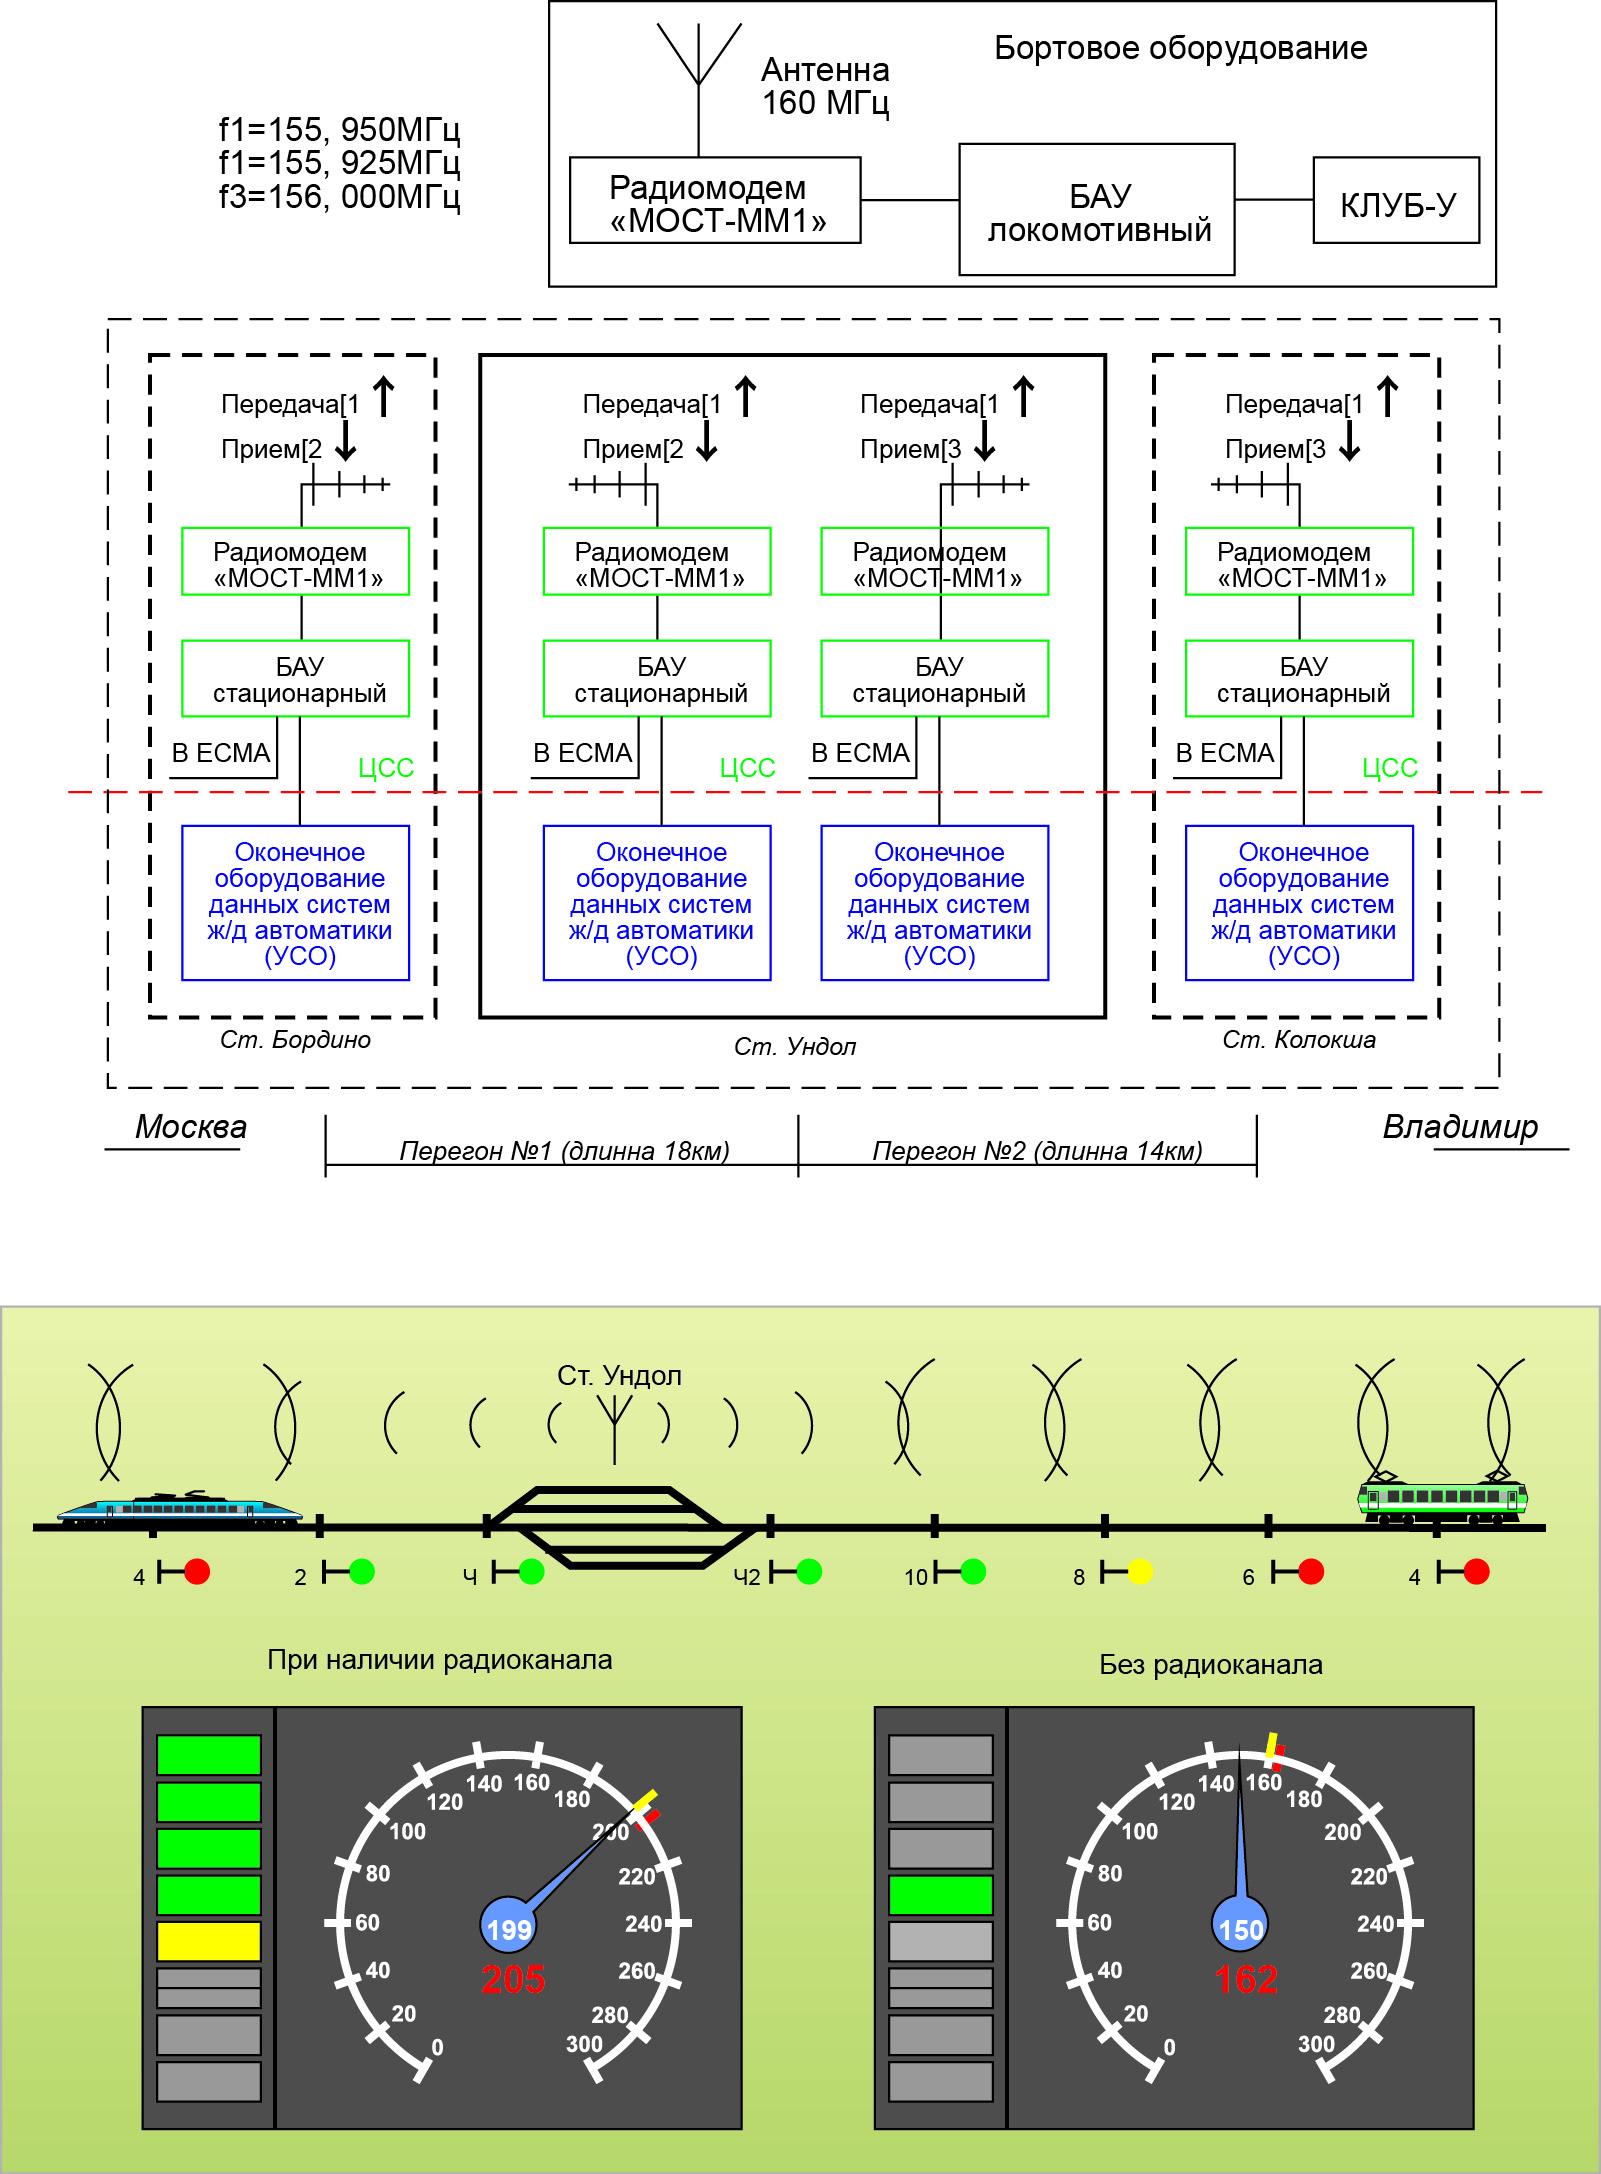 Предлагаемая для АБТЦ-М схема передачи информации на локомотив по радиоканалу